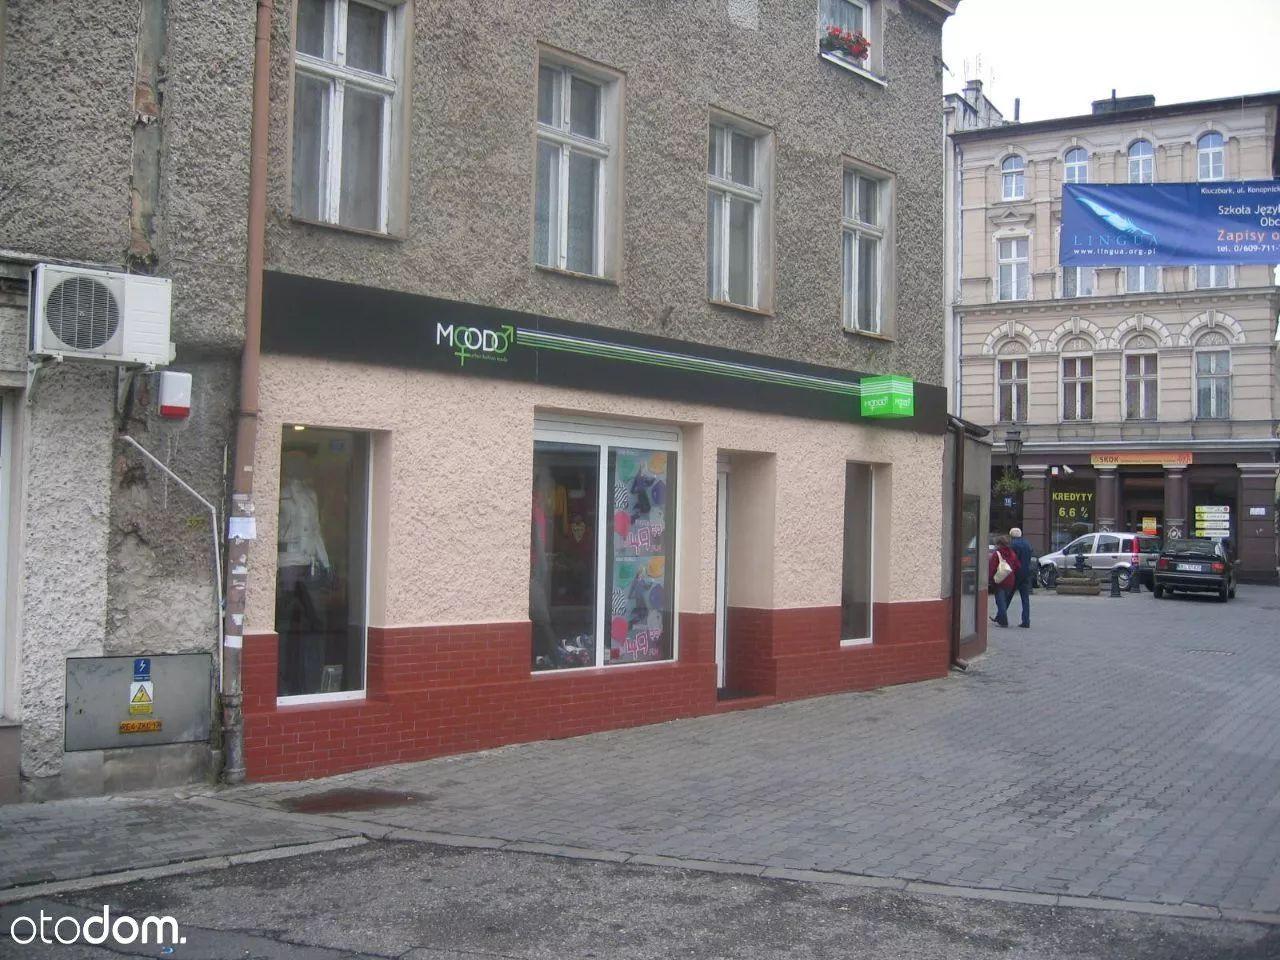 Lokal użytkowy na wynajem, Kluczbork, kluczborski, opolskie - Foto 2